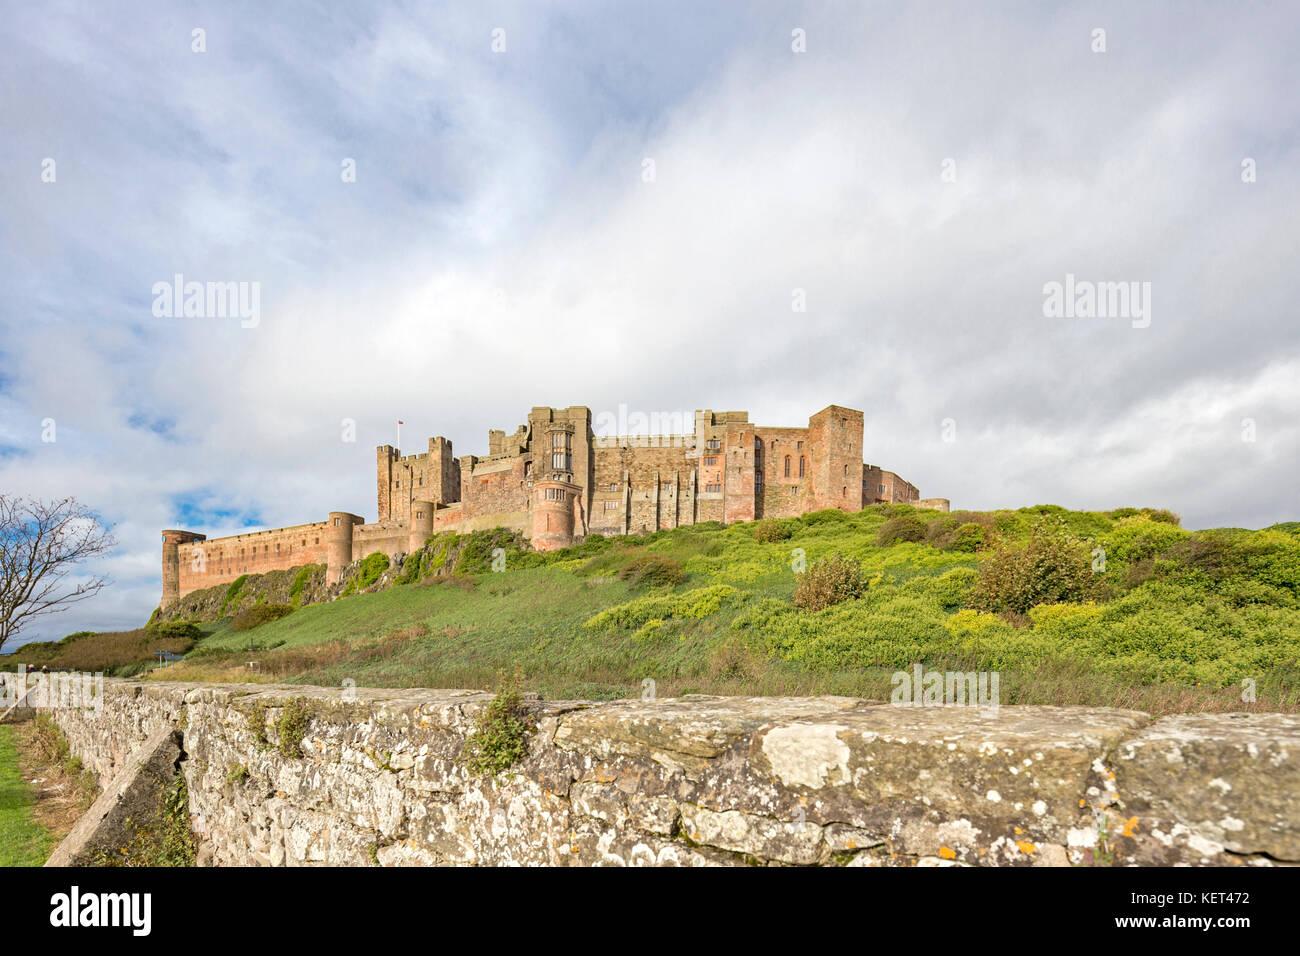 Il castello di Bamburgh, Bamburgh, Northumberland, England, Regno Unito Immagini Stock